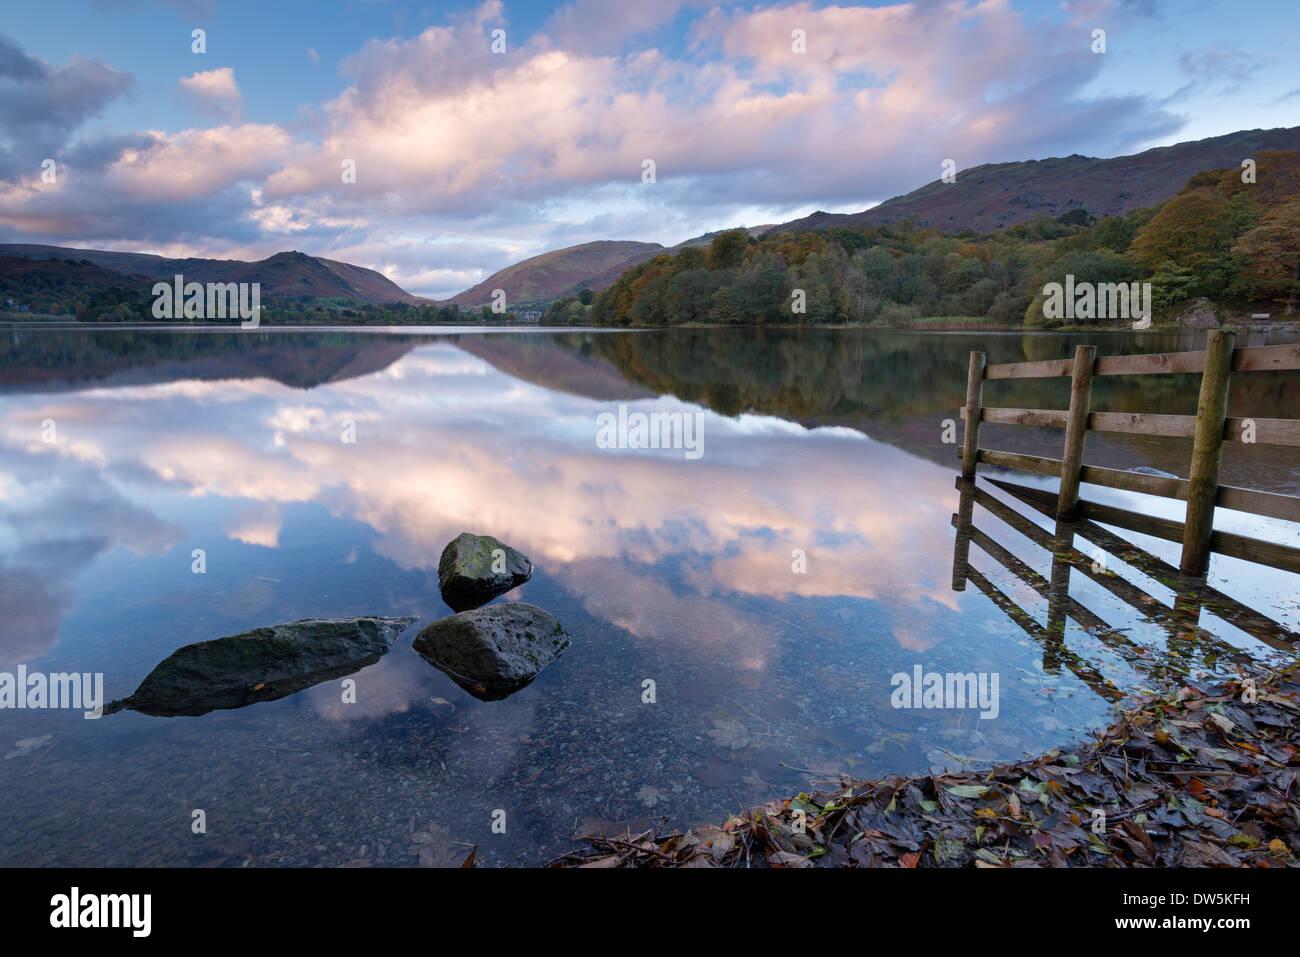 Coucher du soleil au-dessus de Grasmere dans le Parc National du Lake District, Cumbria, Angleterre. L'automne (octobre) 2012. Banque D'Images